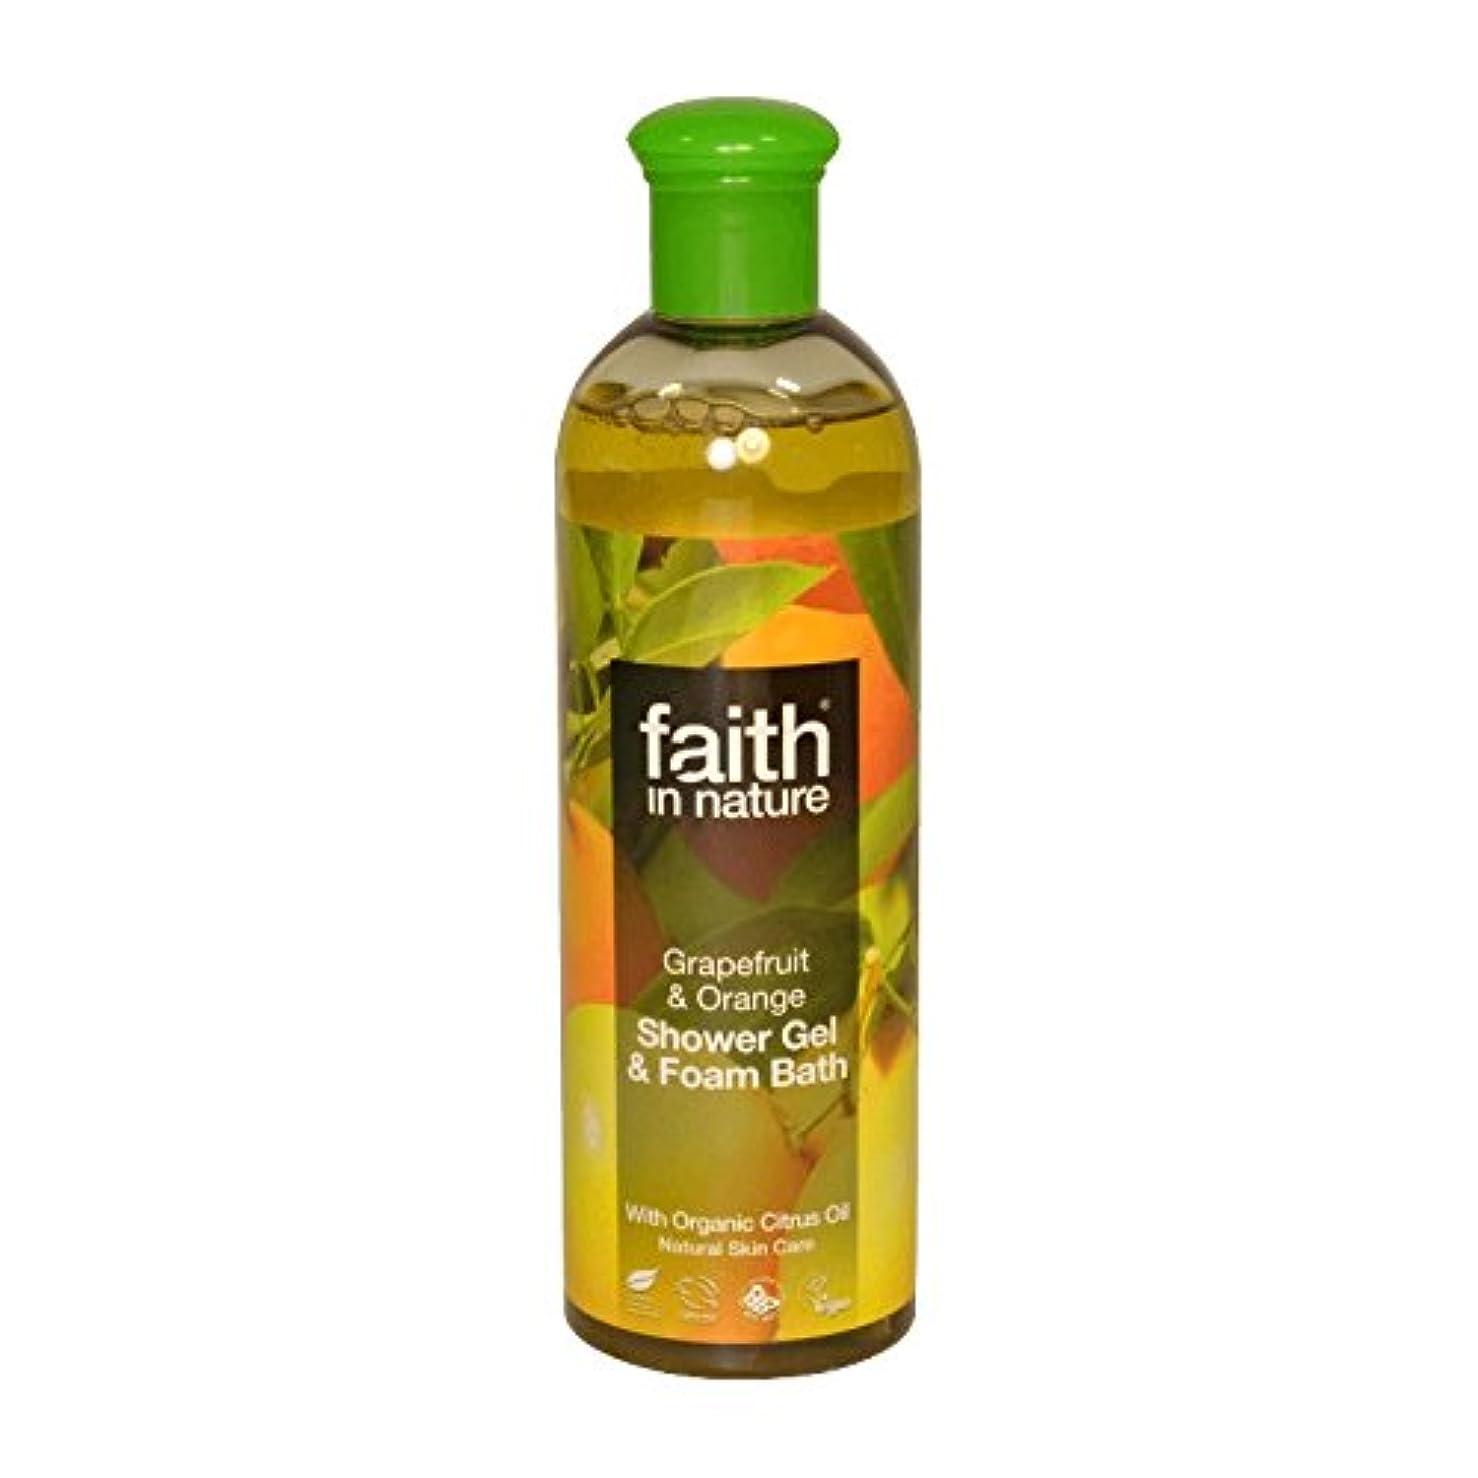 盲目娘短くする自然グレープフルーツ&オレンジシャワージェル&バス泡400ミリリットルの信仰 - Faith in Nature Grapefruit & Orange Shower Gel & Bath Foam 400ml (Faith...